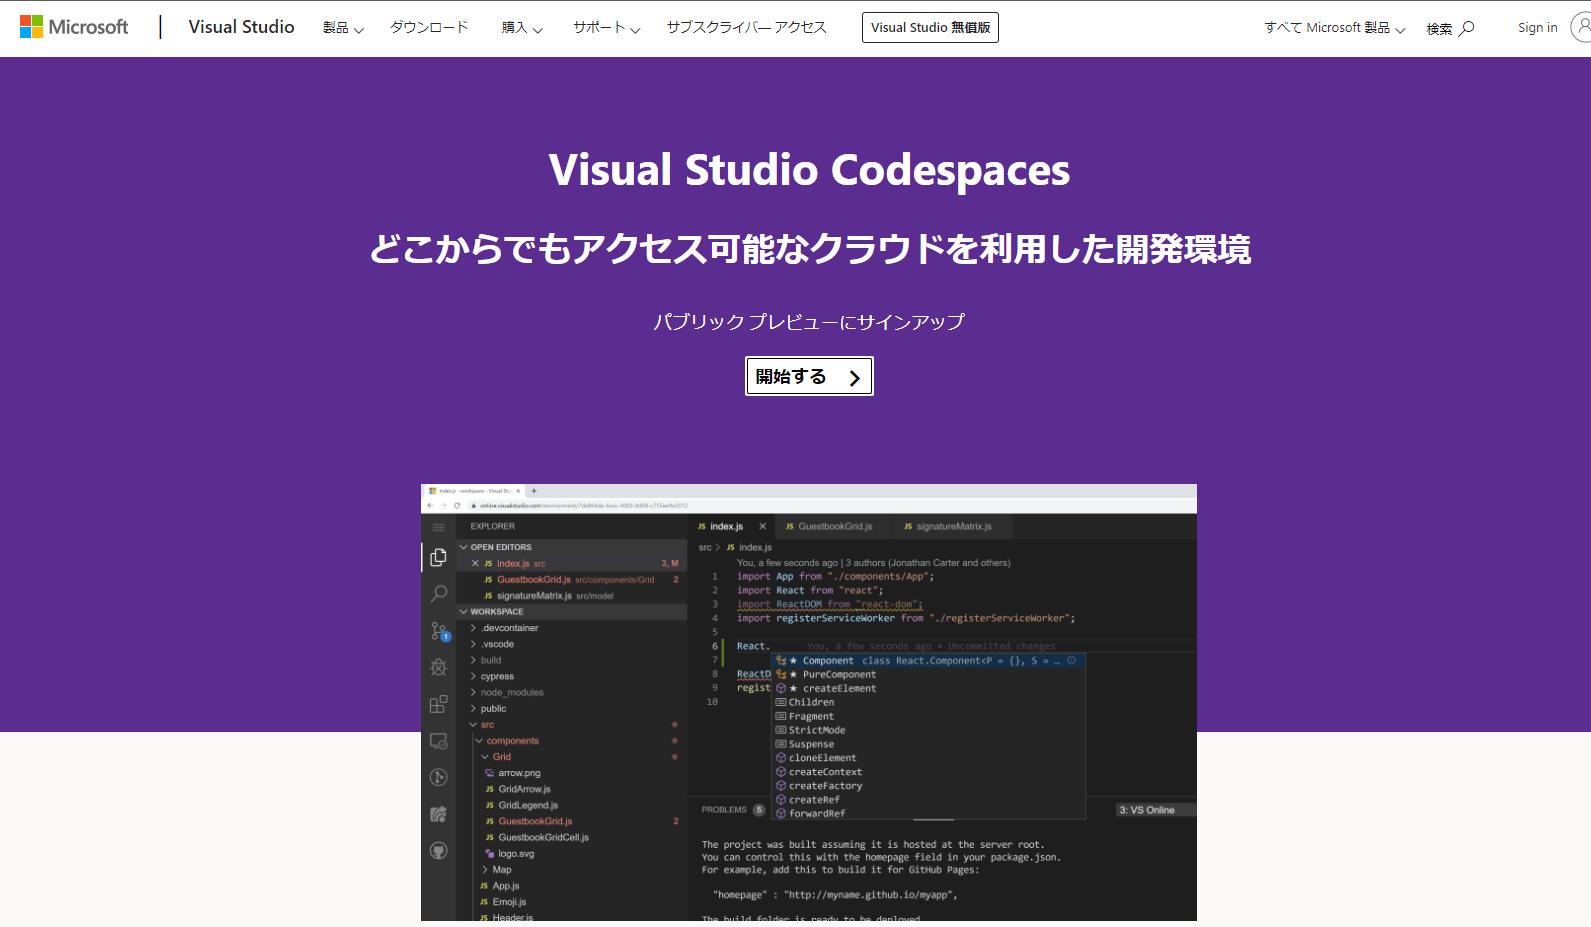 Visual Studio Codespaces どこからでもアクセス可能なクラウドを利用した開発環境 パブリック プレビューにサインアップ